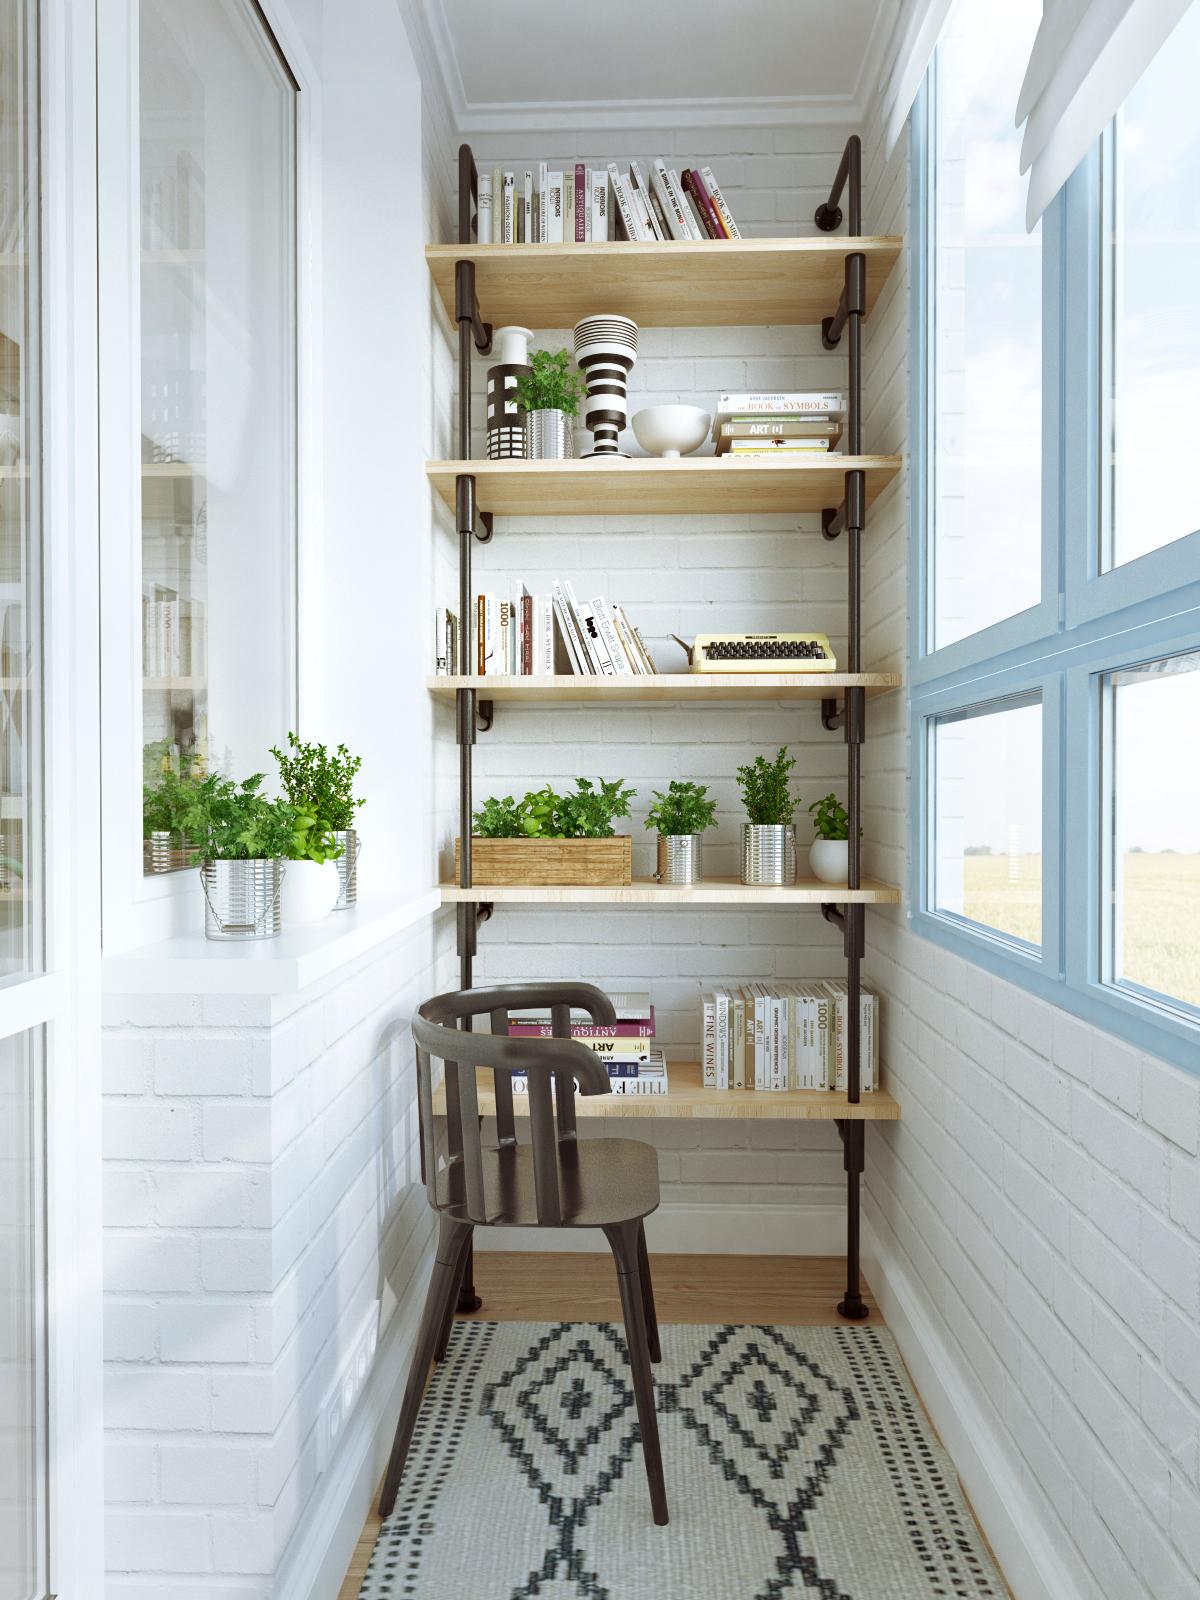 Как хранить вещи на балконе? [способы организации мест для хранения]